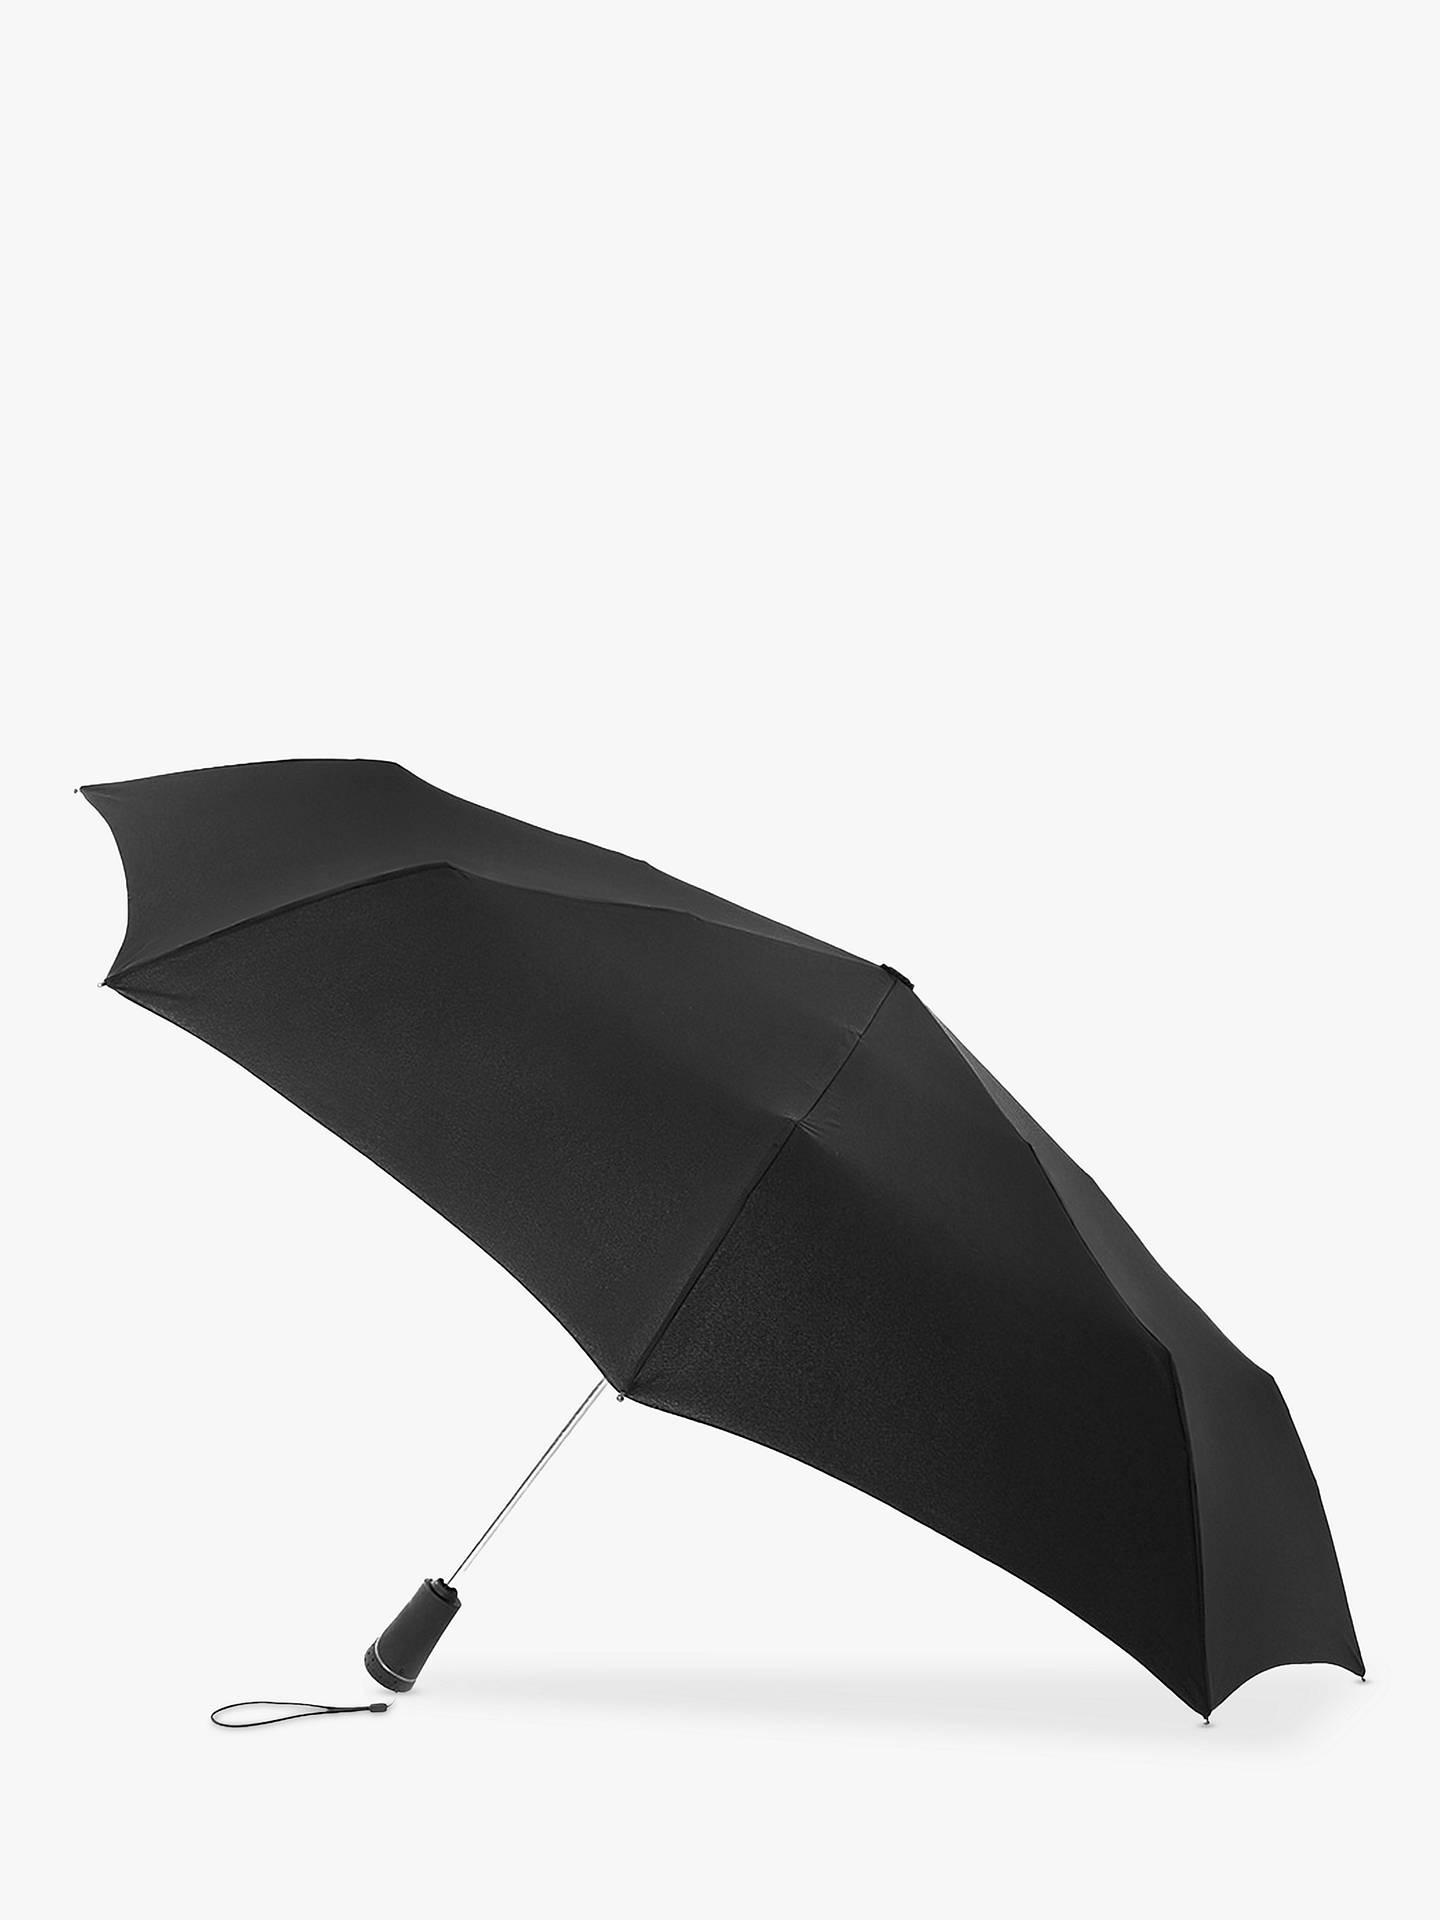 2c4bf80e0d08 totes XTRA STRONG Auto Open/Close Umbrella, Black